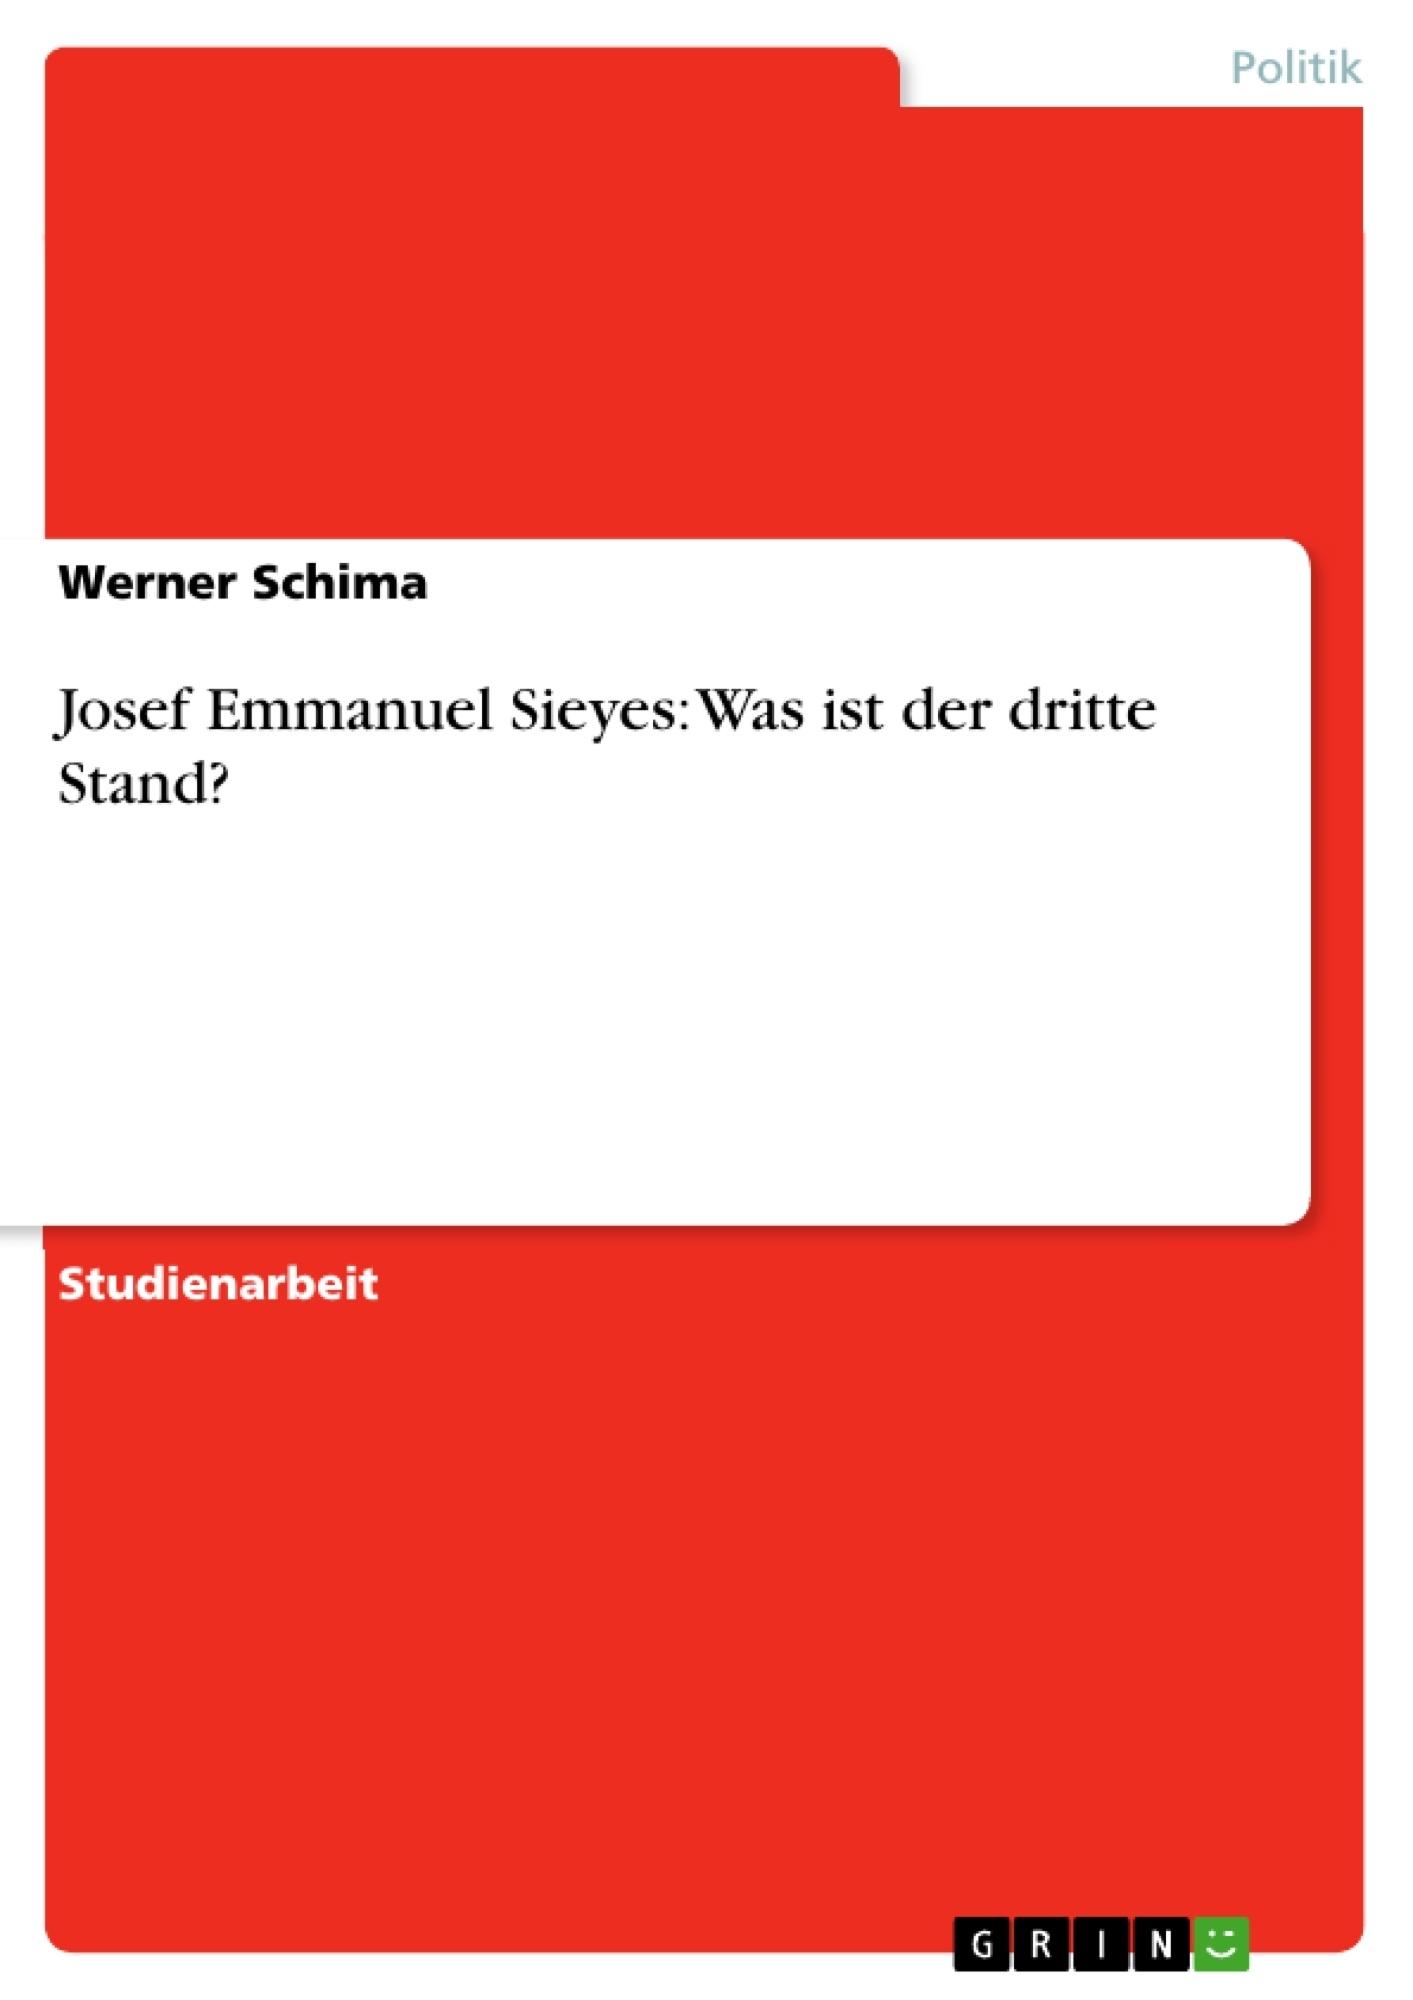 Titel: Josef Emmanuel Sieyes: Was ist der dritte Stand?